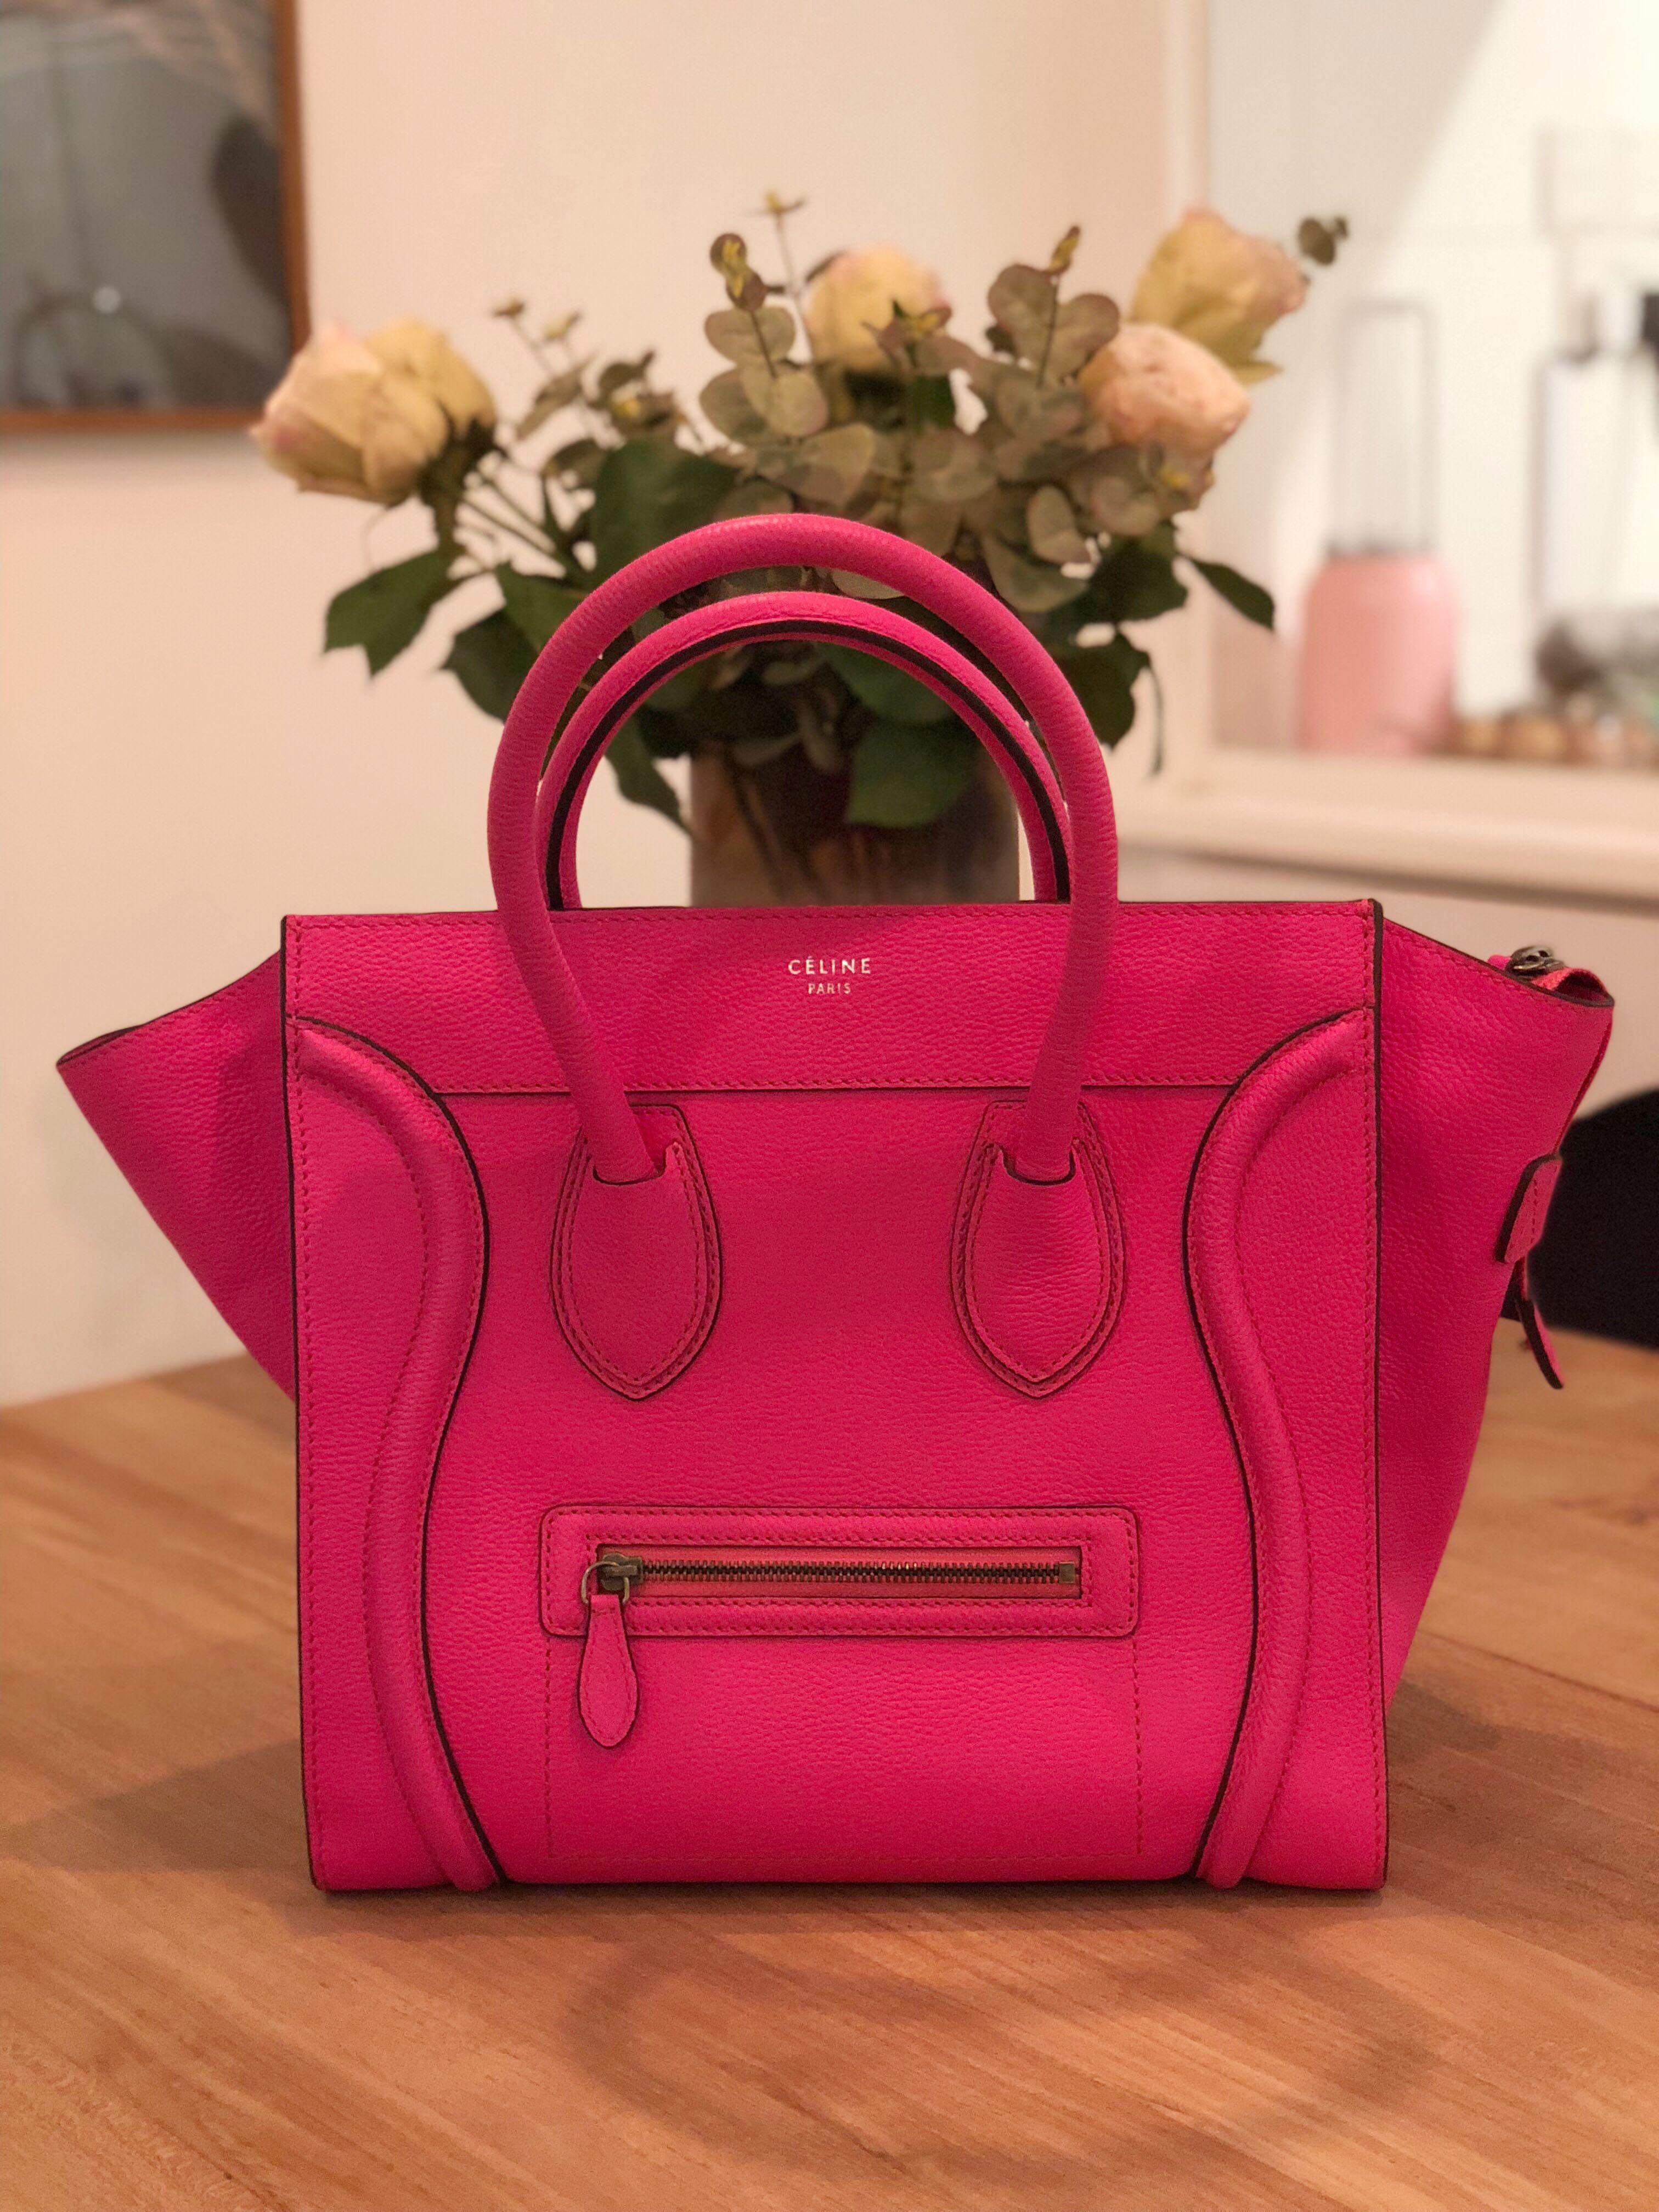 5374bf0ba4eb Celine Mini Luggage in fluorescent neon pink